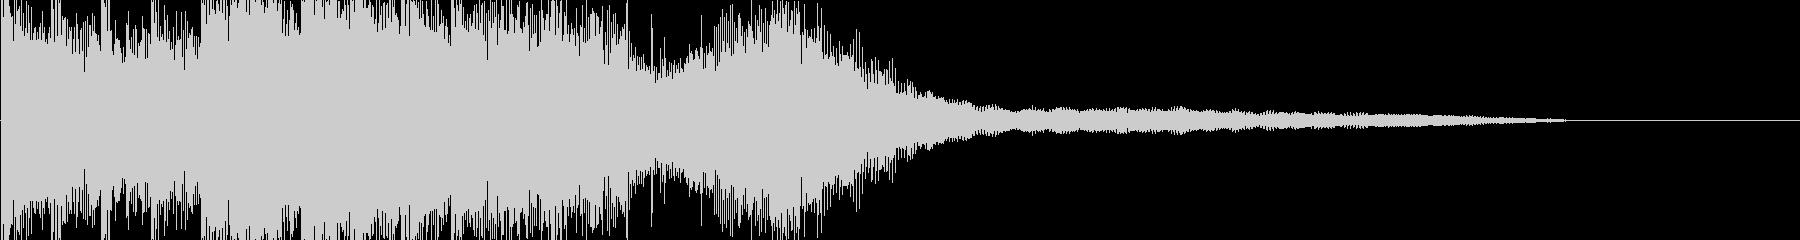 ラジオ 報道 水を感じる爽やかなジングルの未再生の波形